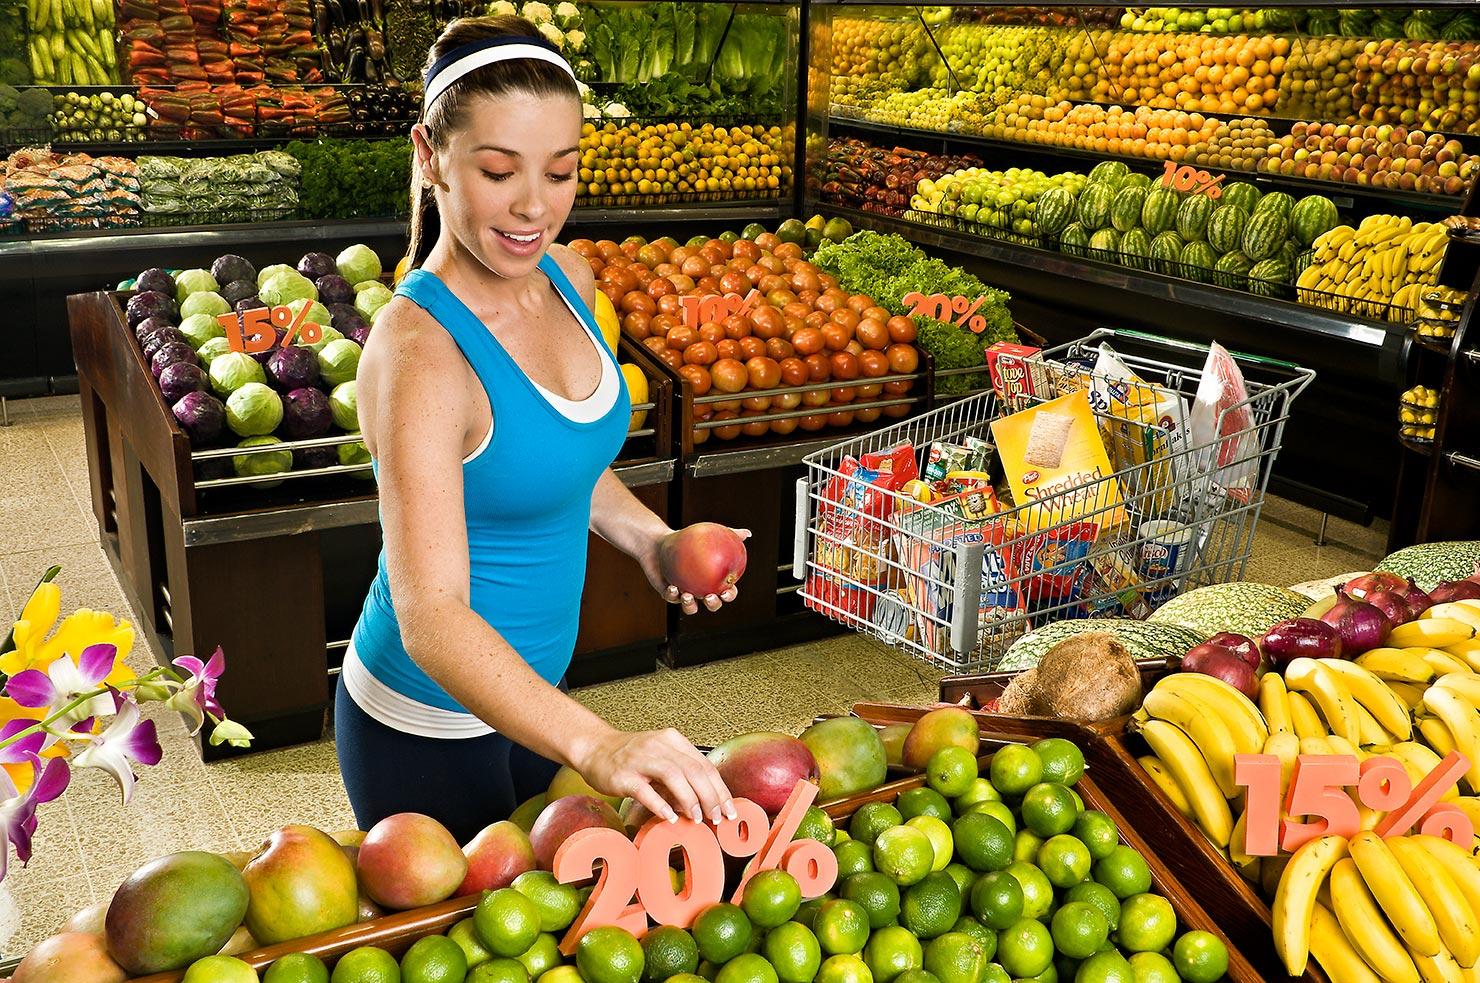 Frutas-001.jpg